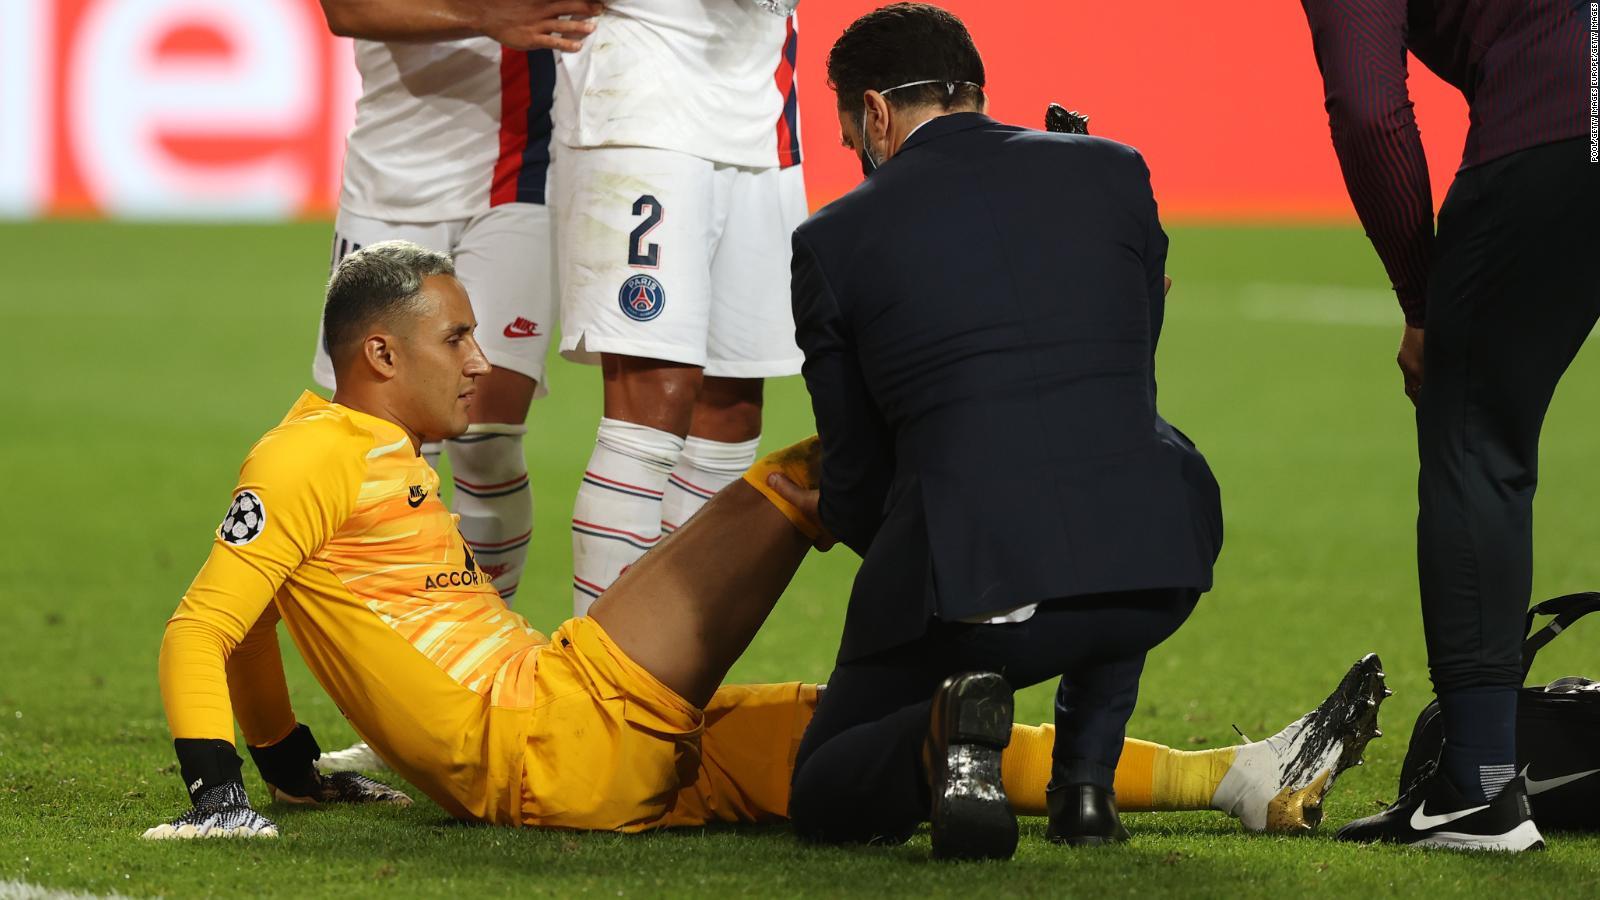 El arquero del PSG se pierde por lesión el partido contra el Leipzig.